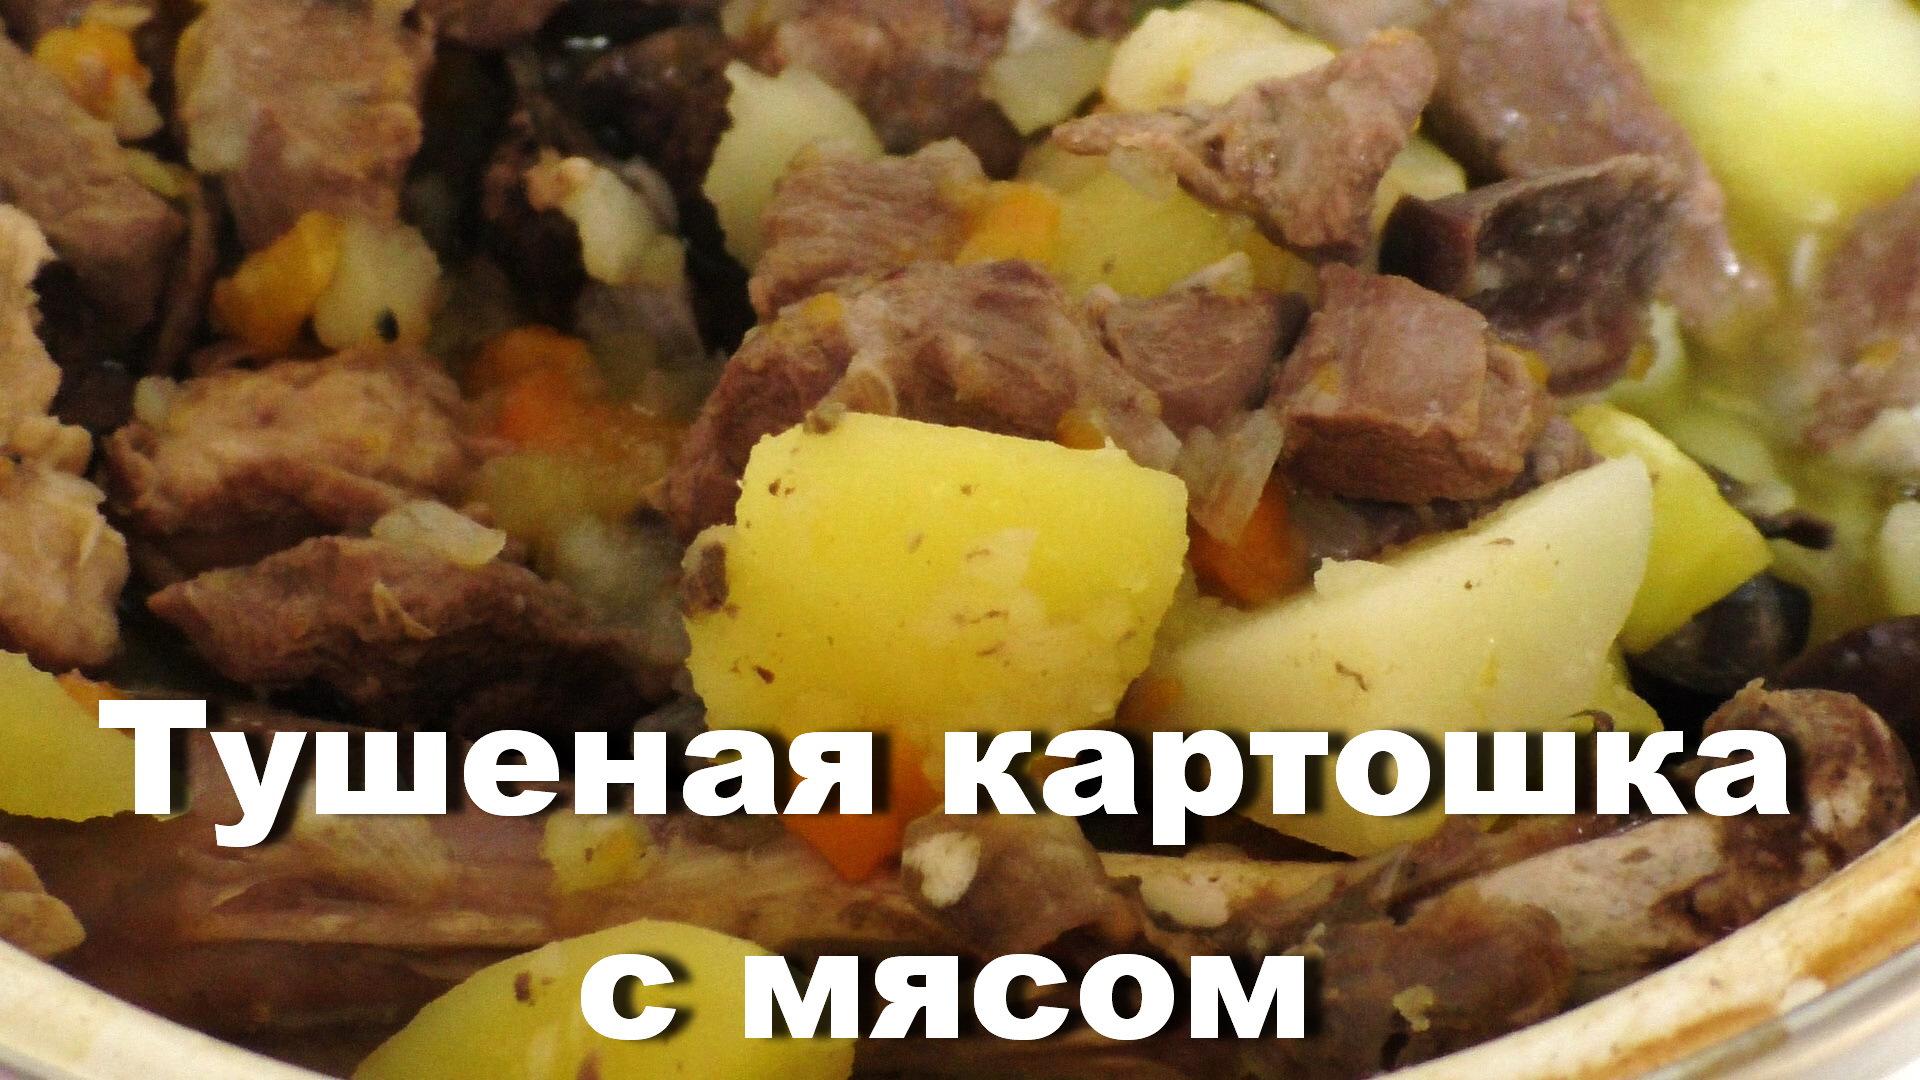 демотиваторы про картошку с мясом